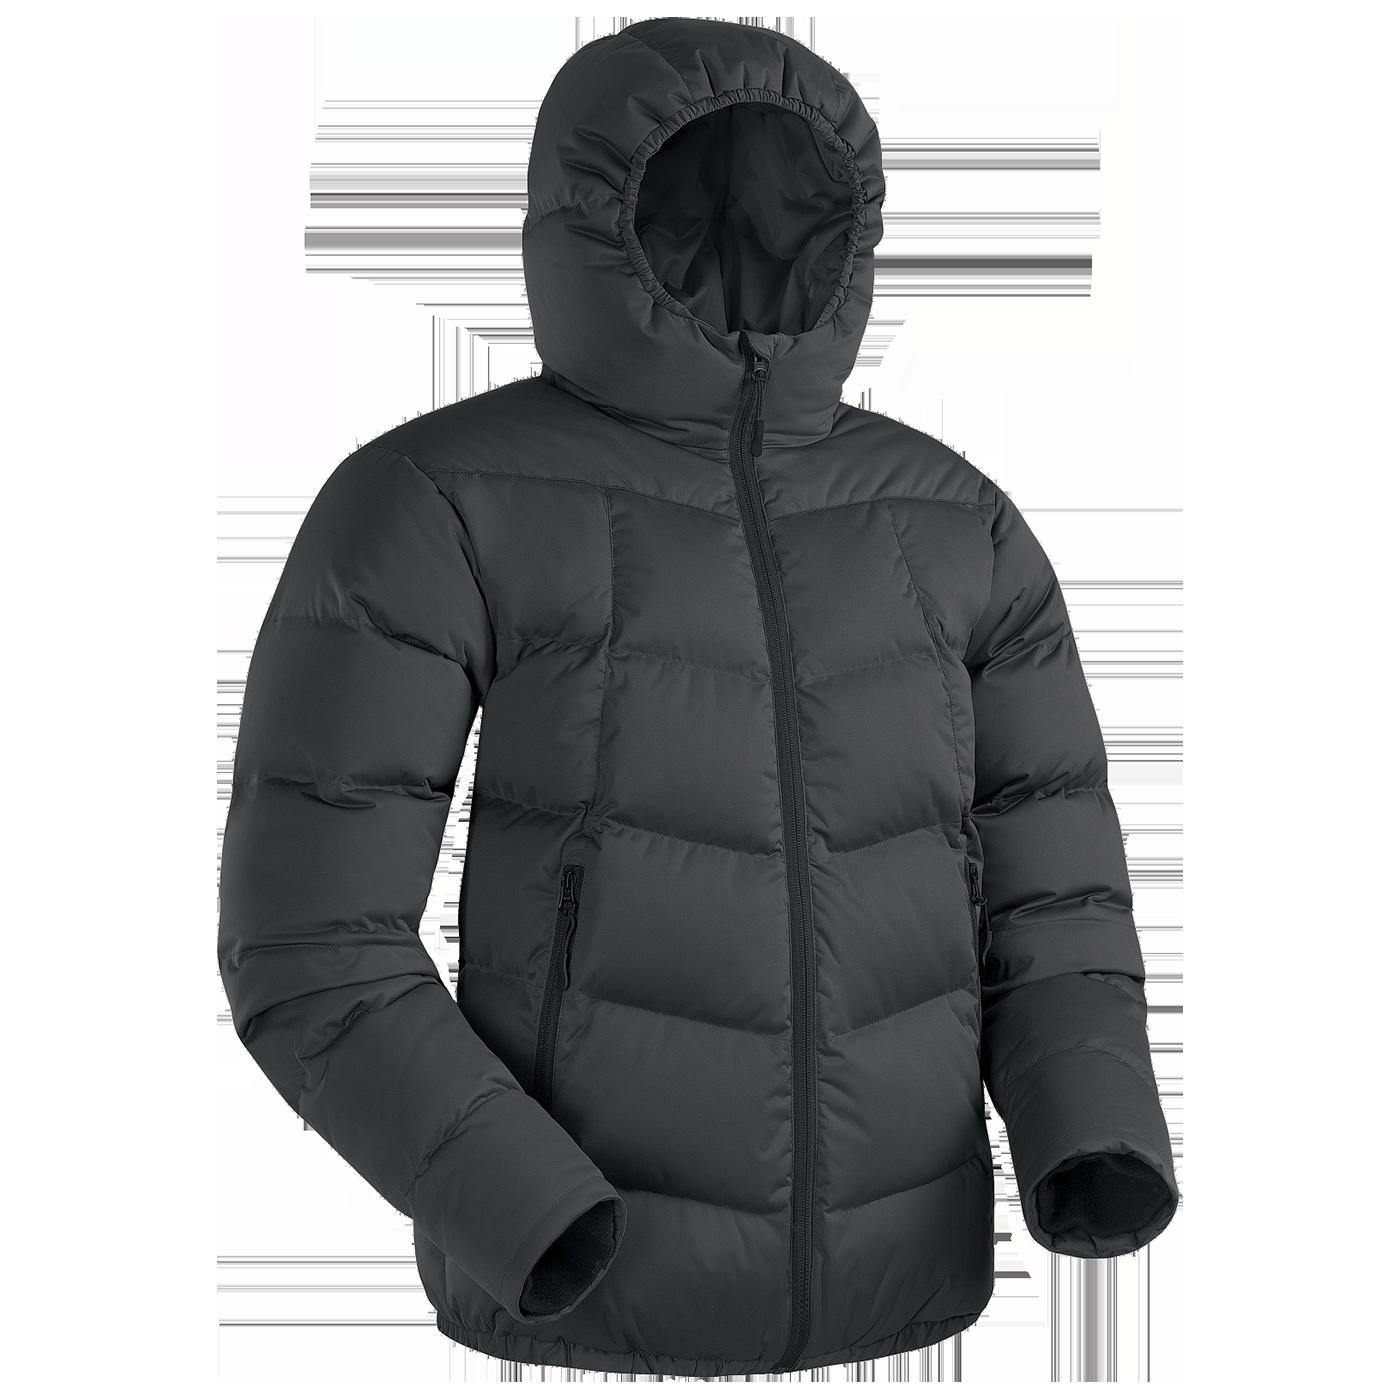 Пуховая куртка BASK BLIZZARD LUXE фото